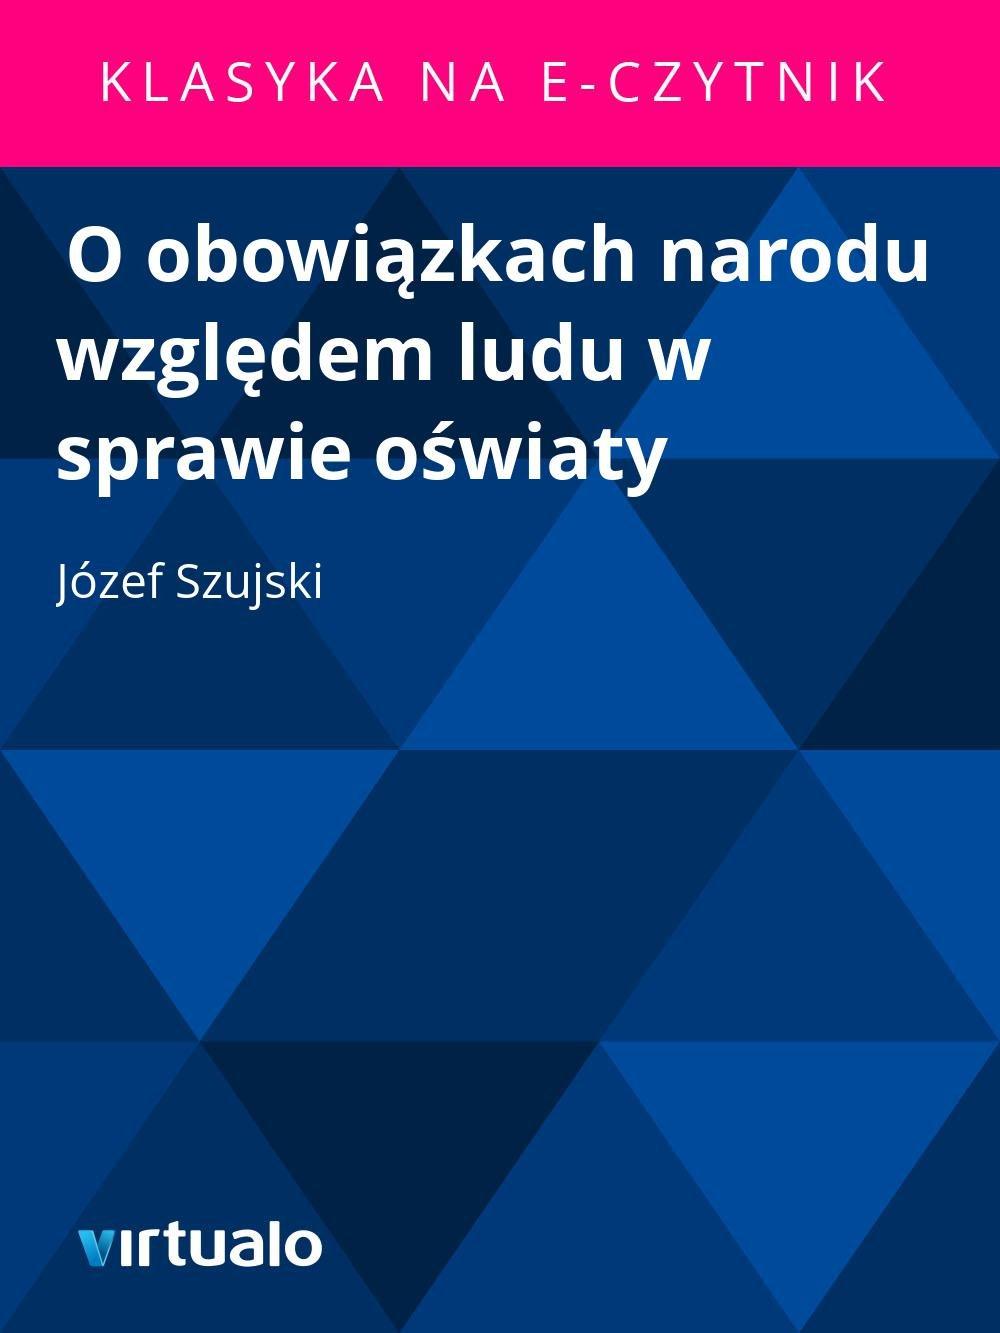 O obowiązkach narodu względem ludu w sprawie oświaty - Ebook (Książka EPUB) do pobrania w formacie EPUB